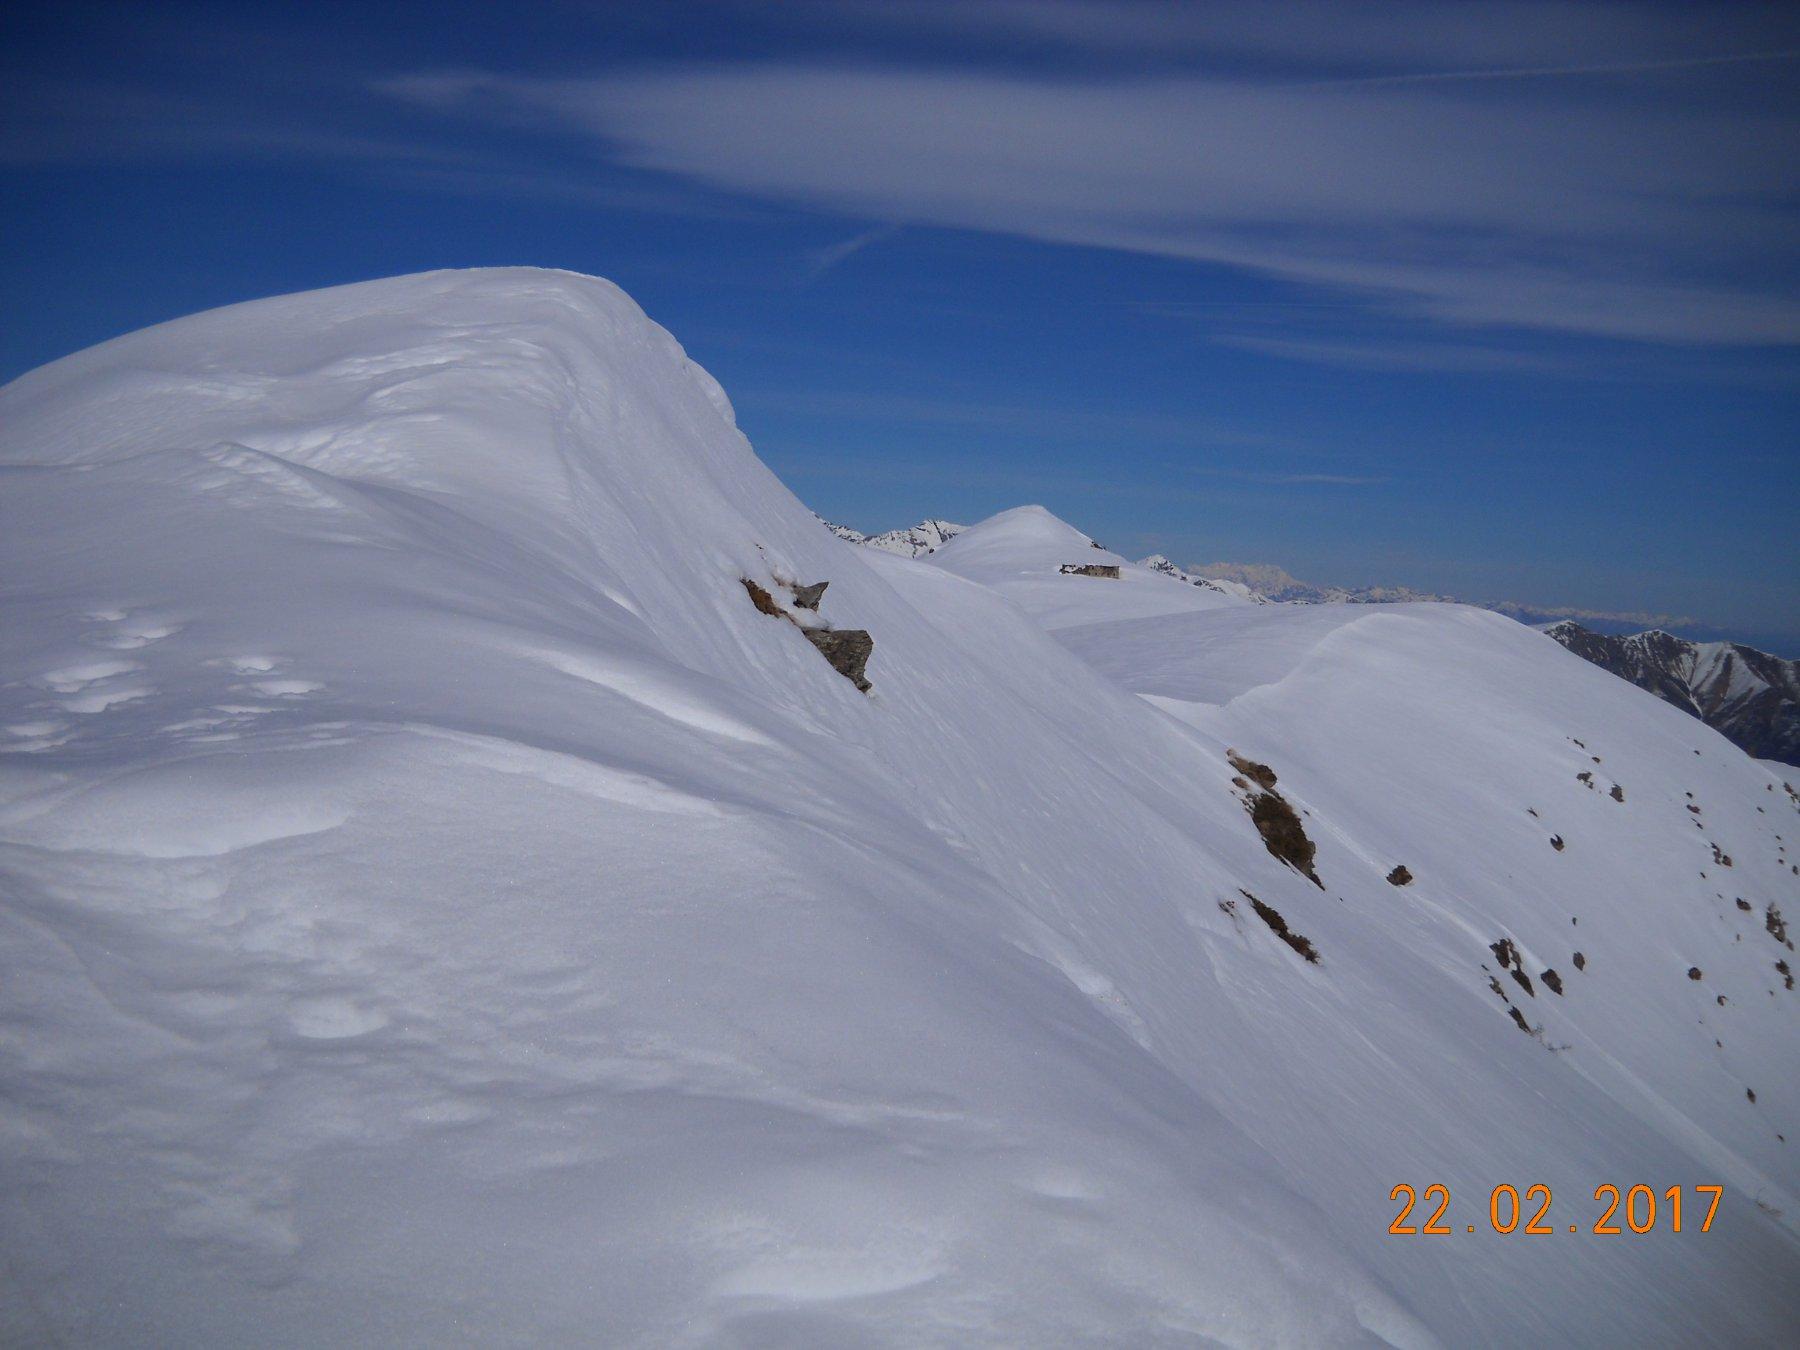 La cresta e Rocca Bianca in fondo